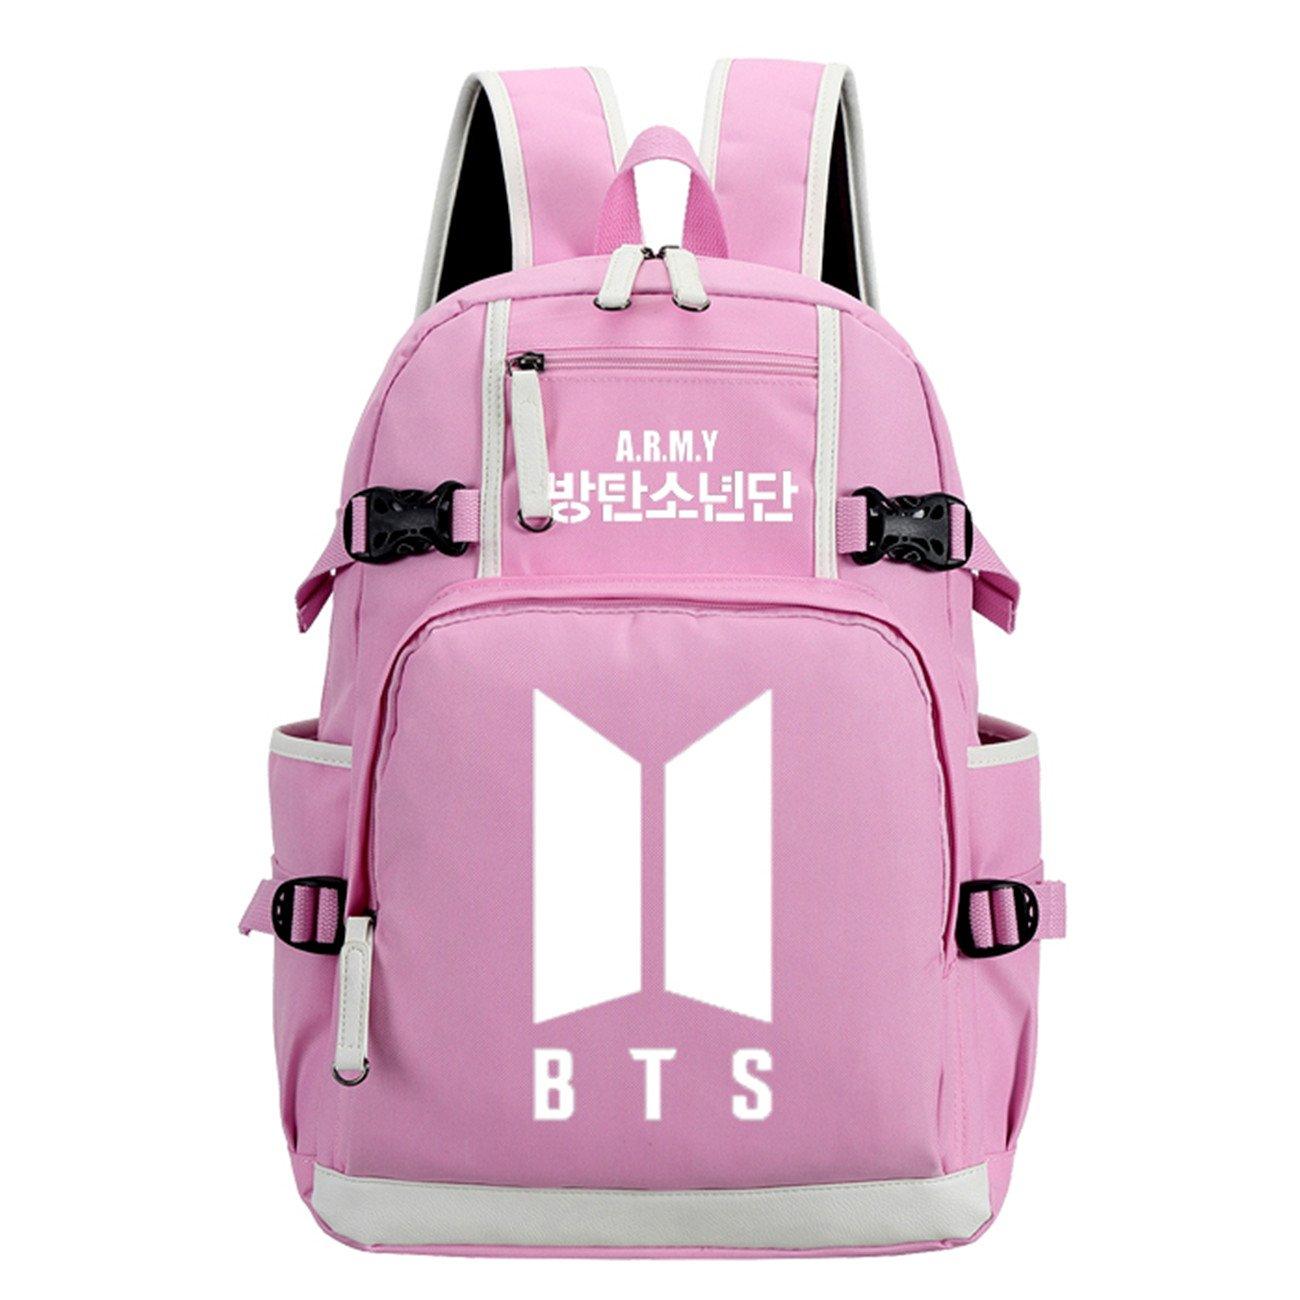 JUSTGOGO Luminous Korean Casual Backpack Daypack Laptop Bag College Bag School Bag (1)